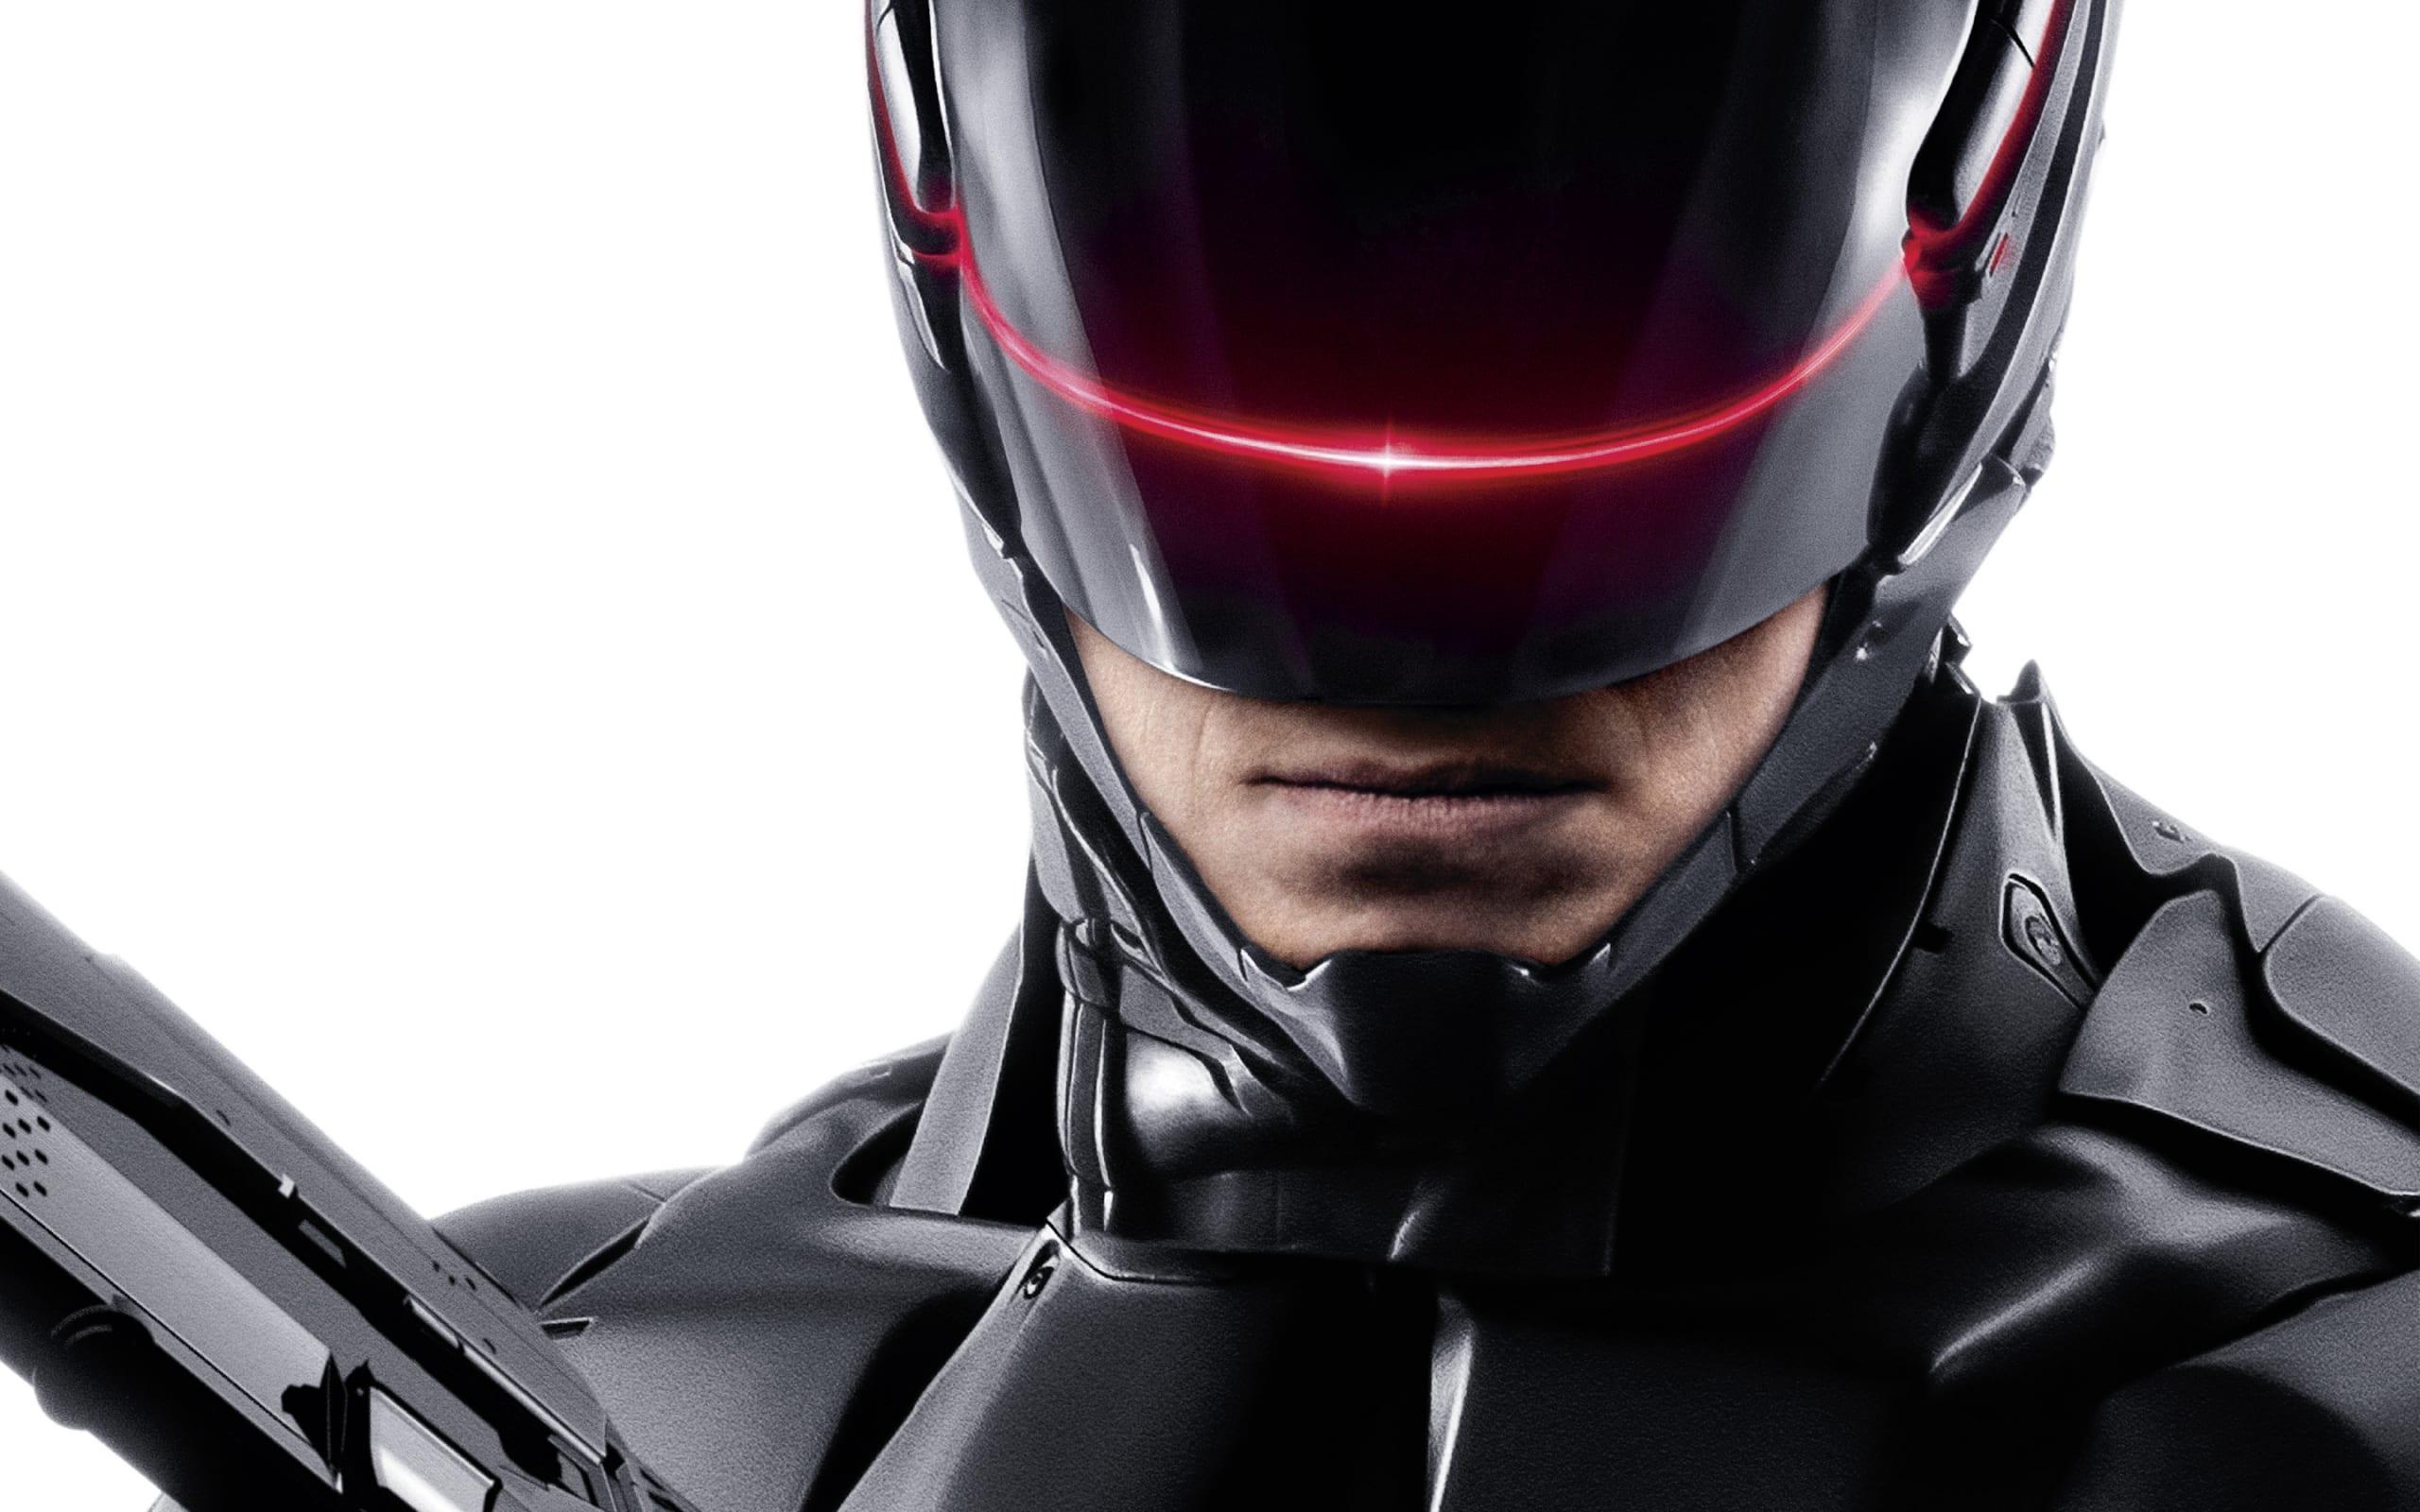 Robocop: Joel Kinnaman spiega perché il reboot non ha funzionato